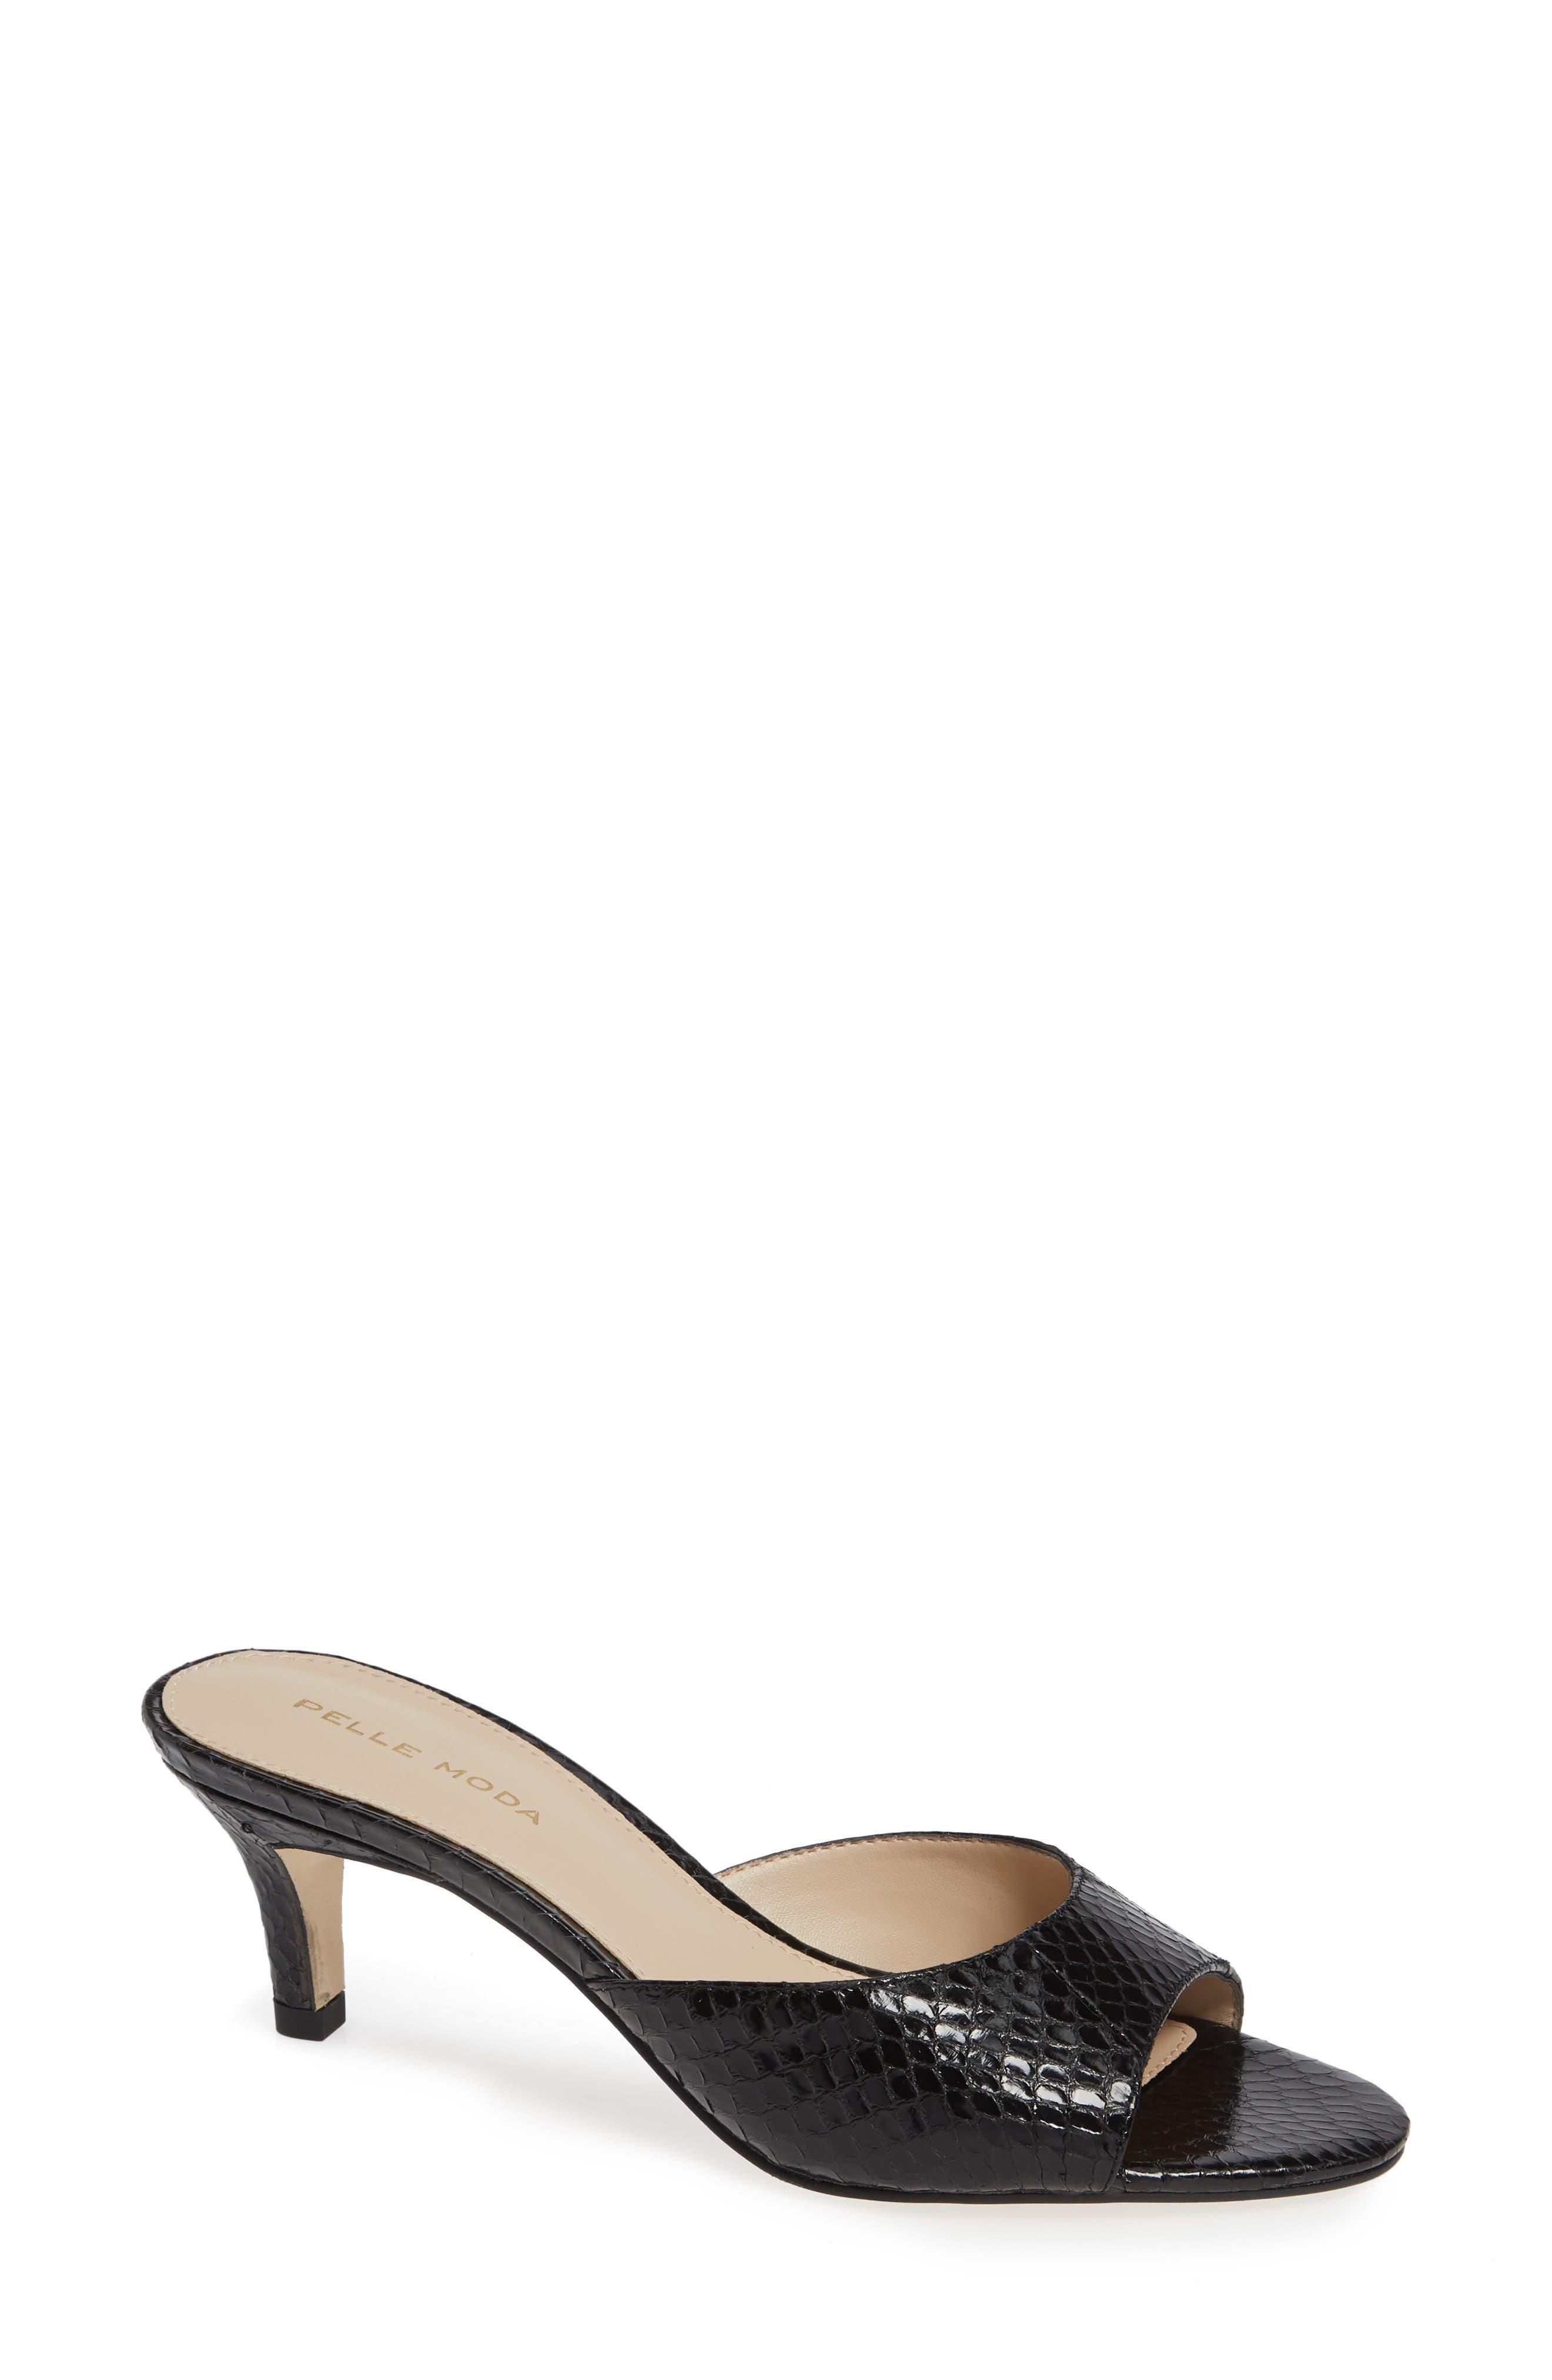 Bex Kitten Heel Slide Sandal,                             Main thumbnail 1, color,                             BLACK PRINT LEATHER